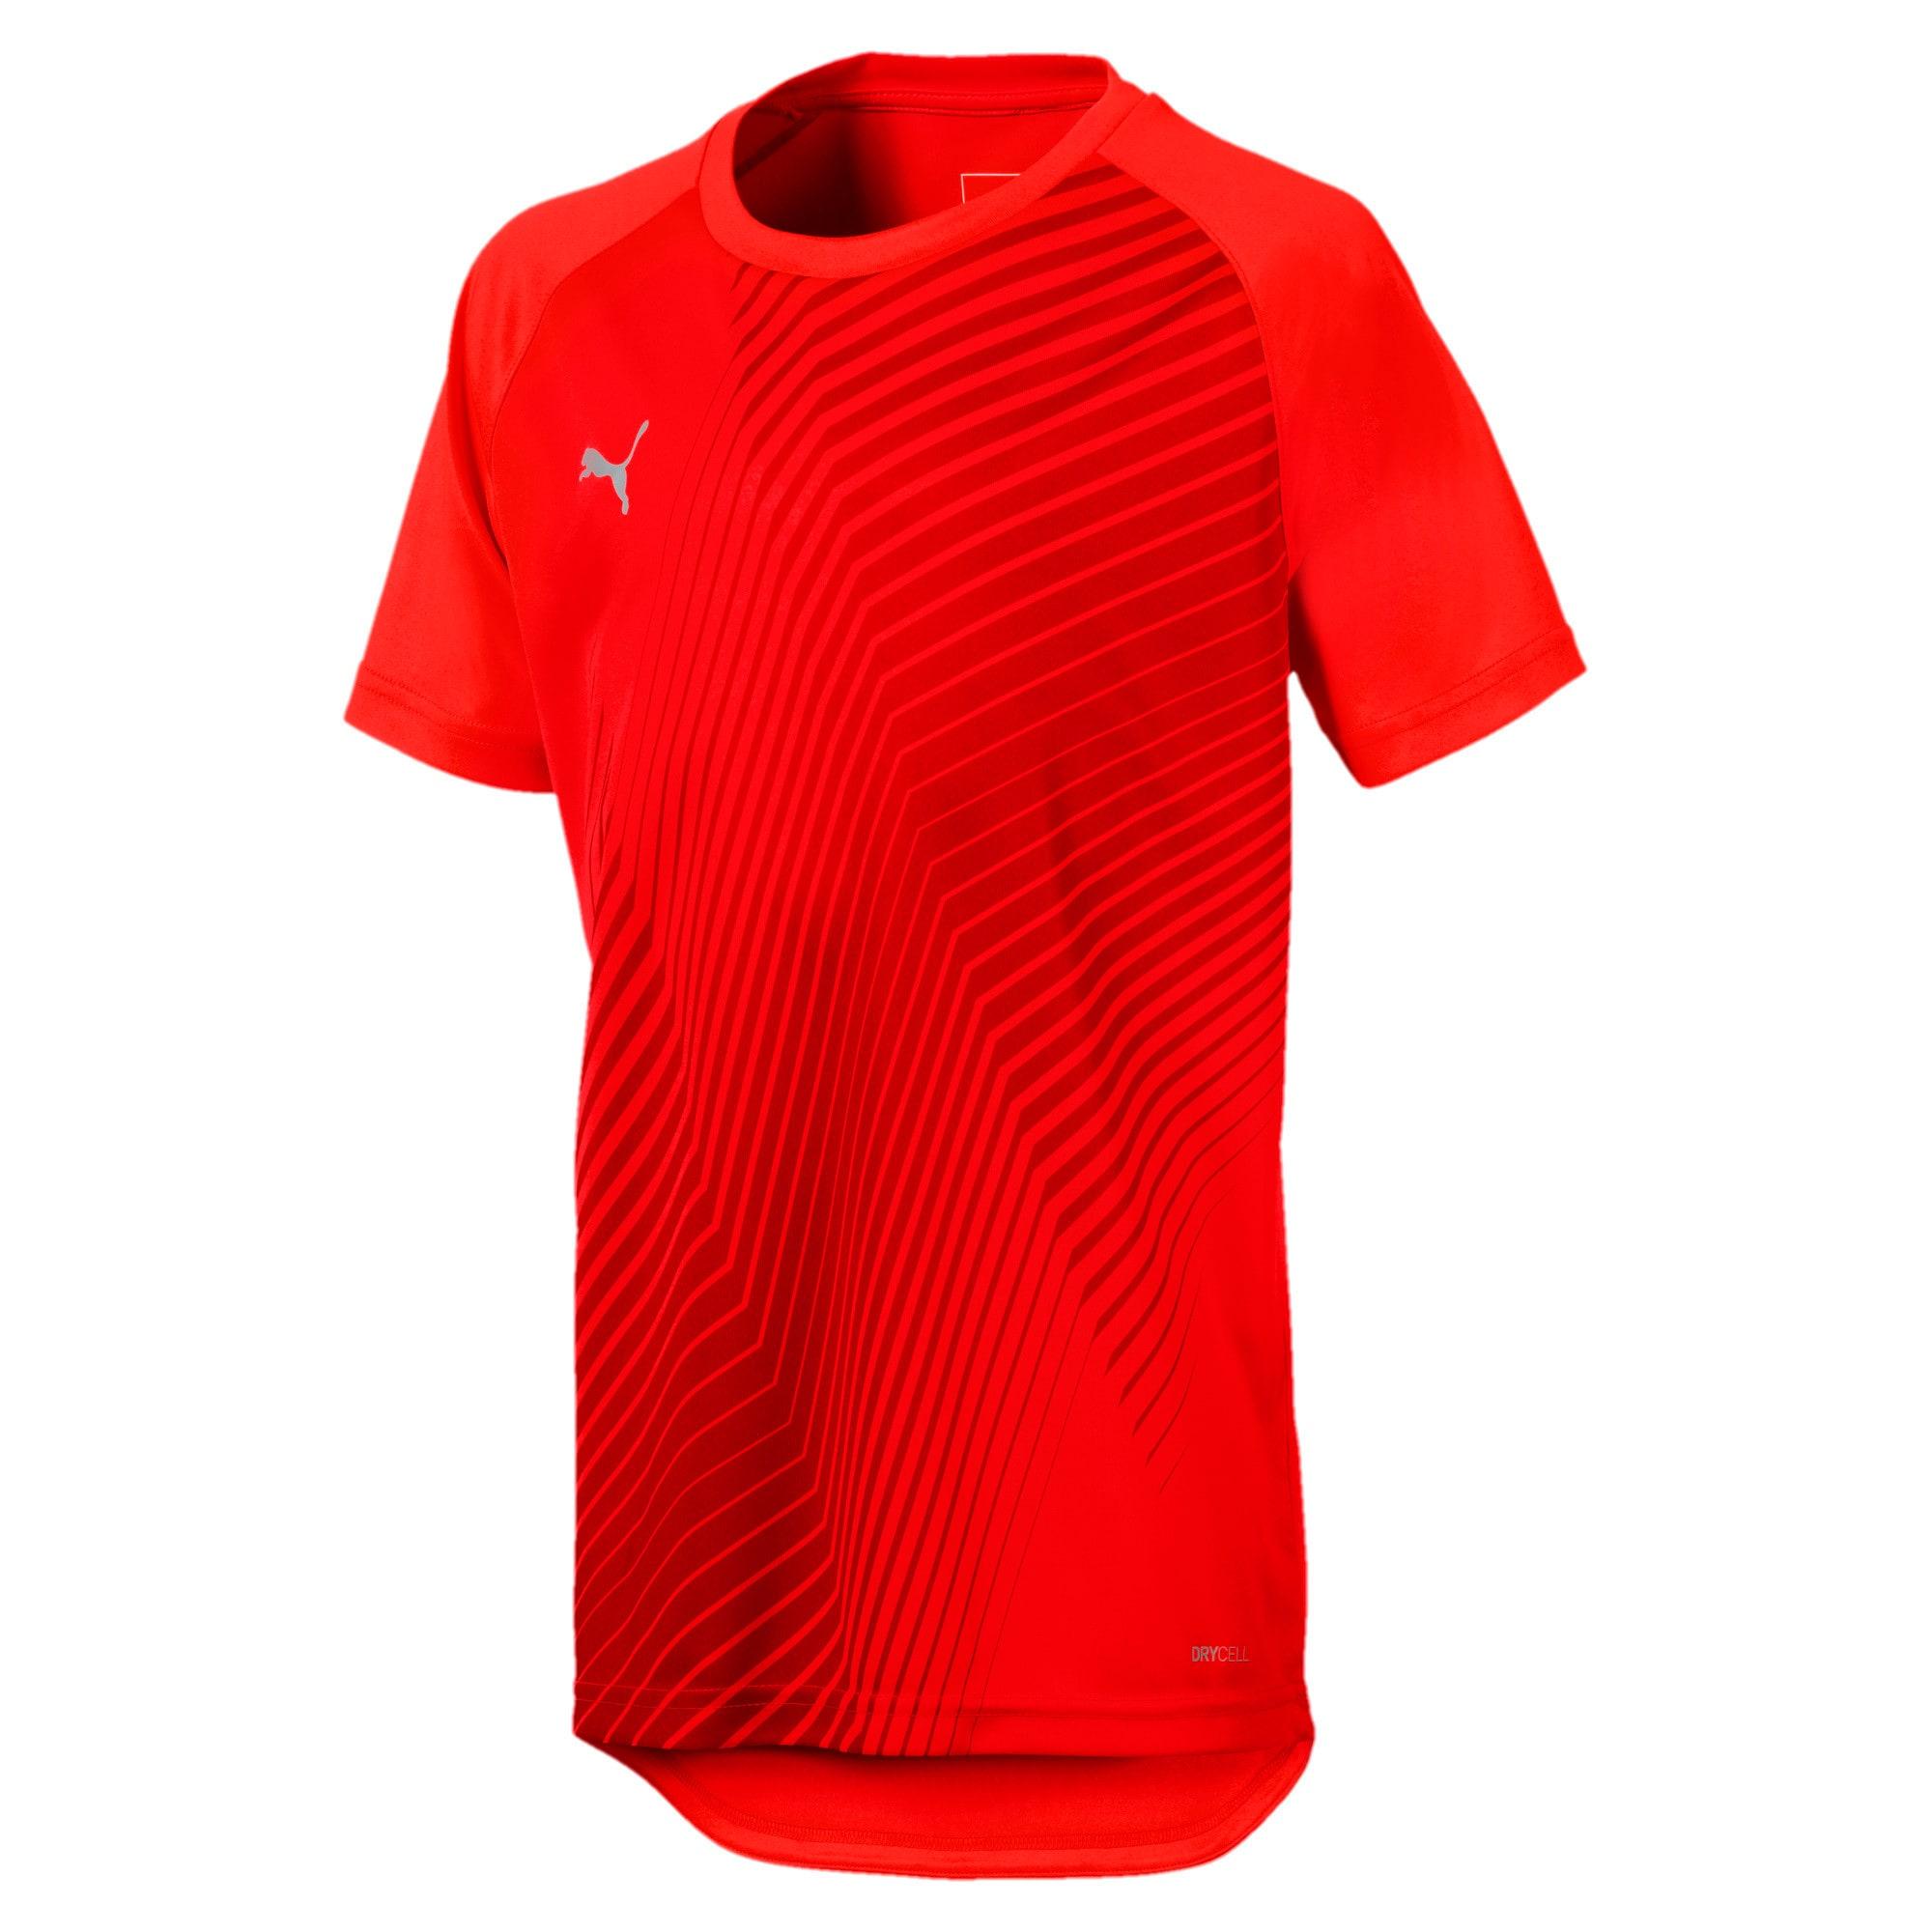 Thumbnail 1 of ftblNXT Graphic Kids' Football Tee, Red Blast-Puma Black, medium-IND